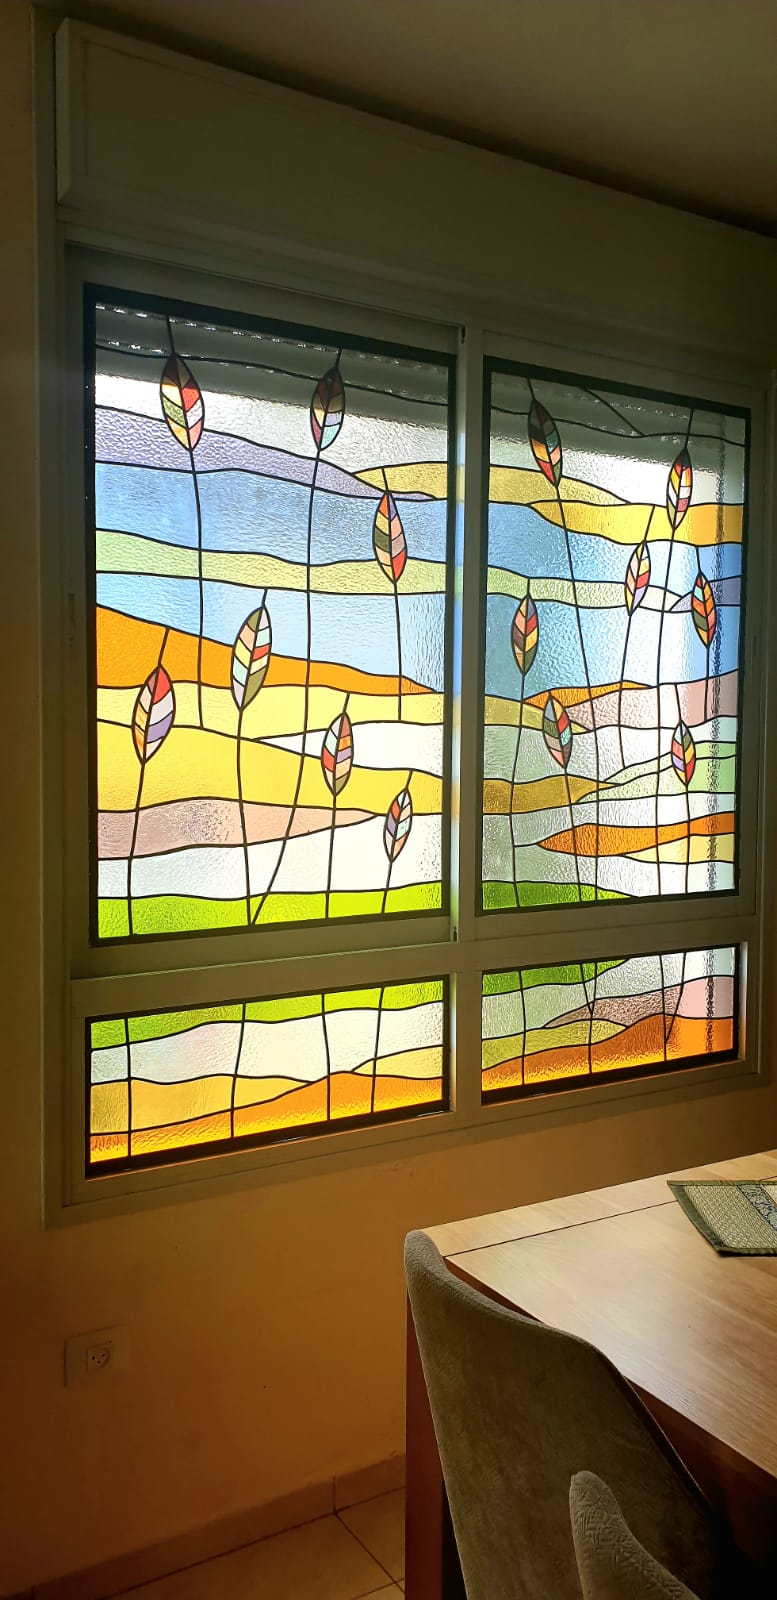 חלונות מעוצבים ליד שולחן האוכל